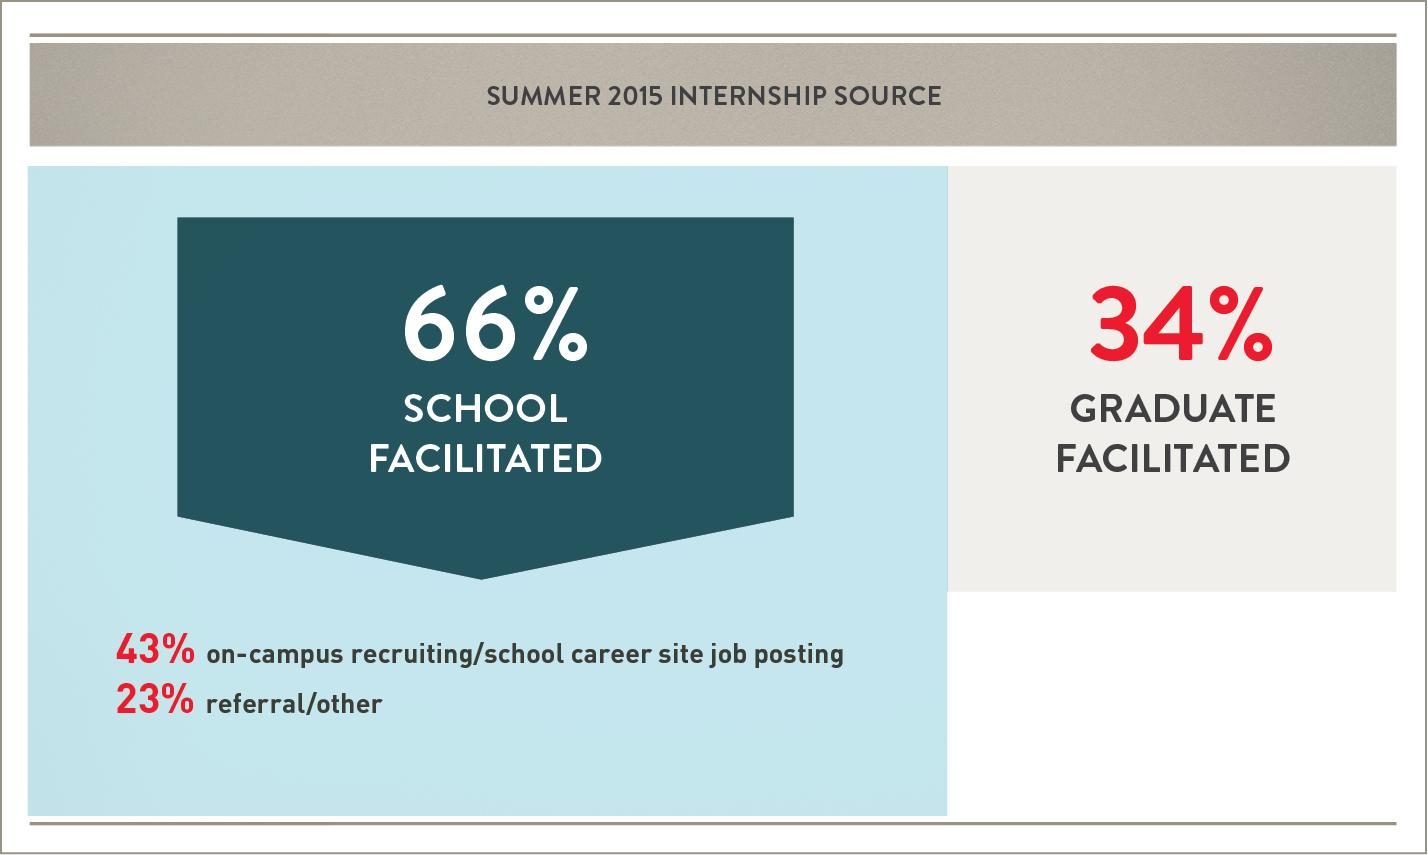 Summer 2015 Internship Statistics by Source